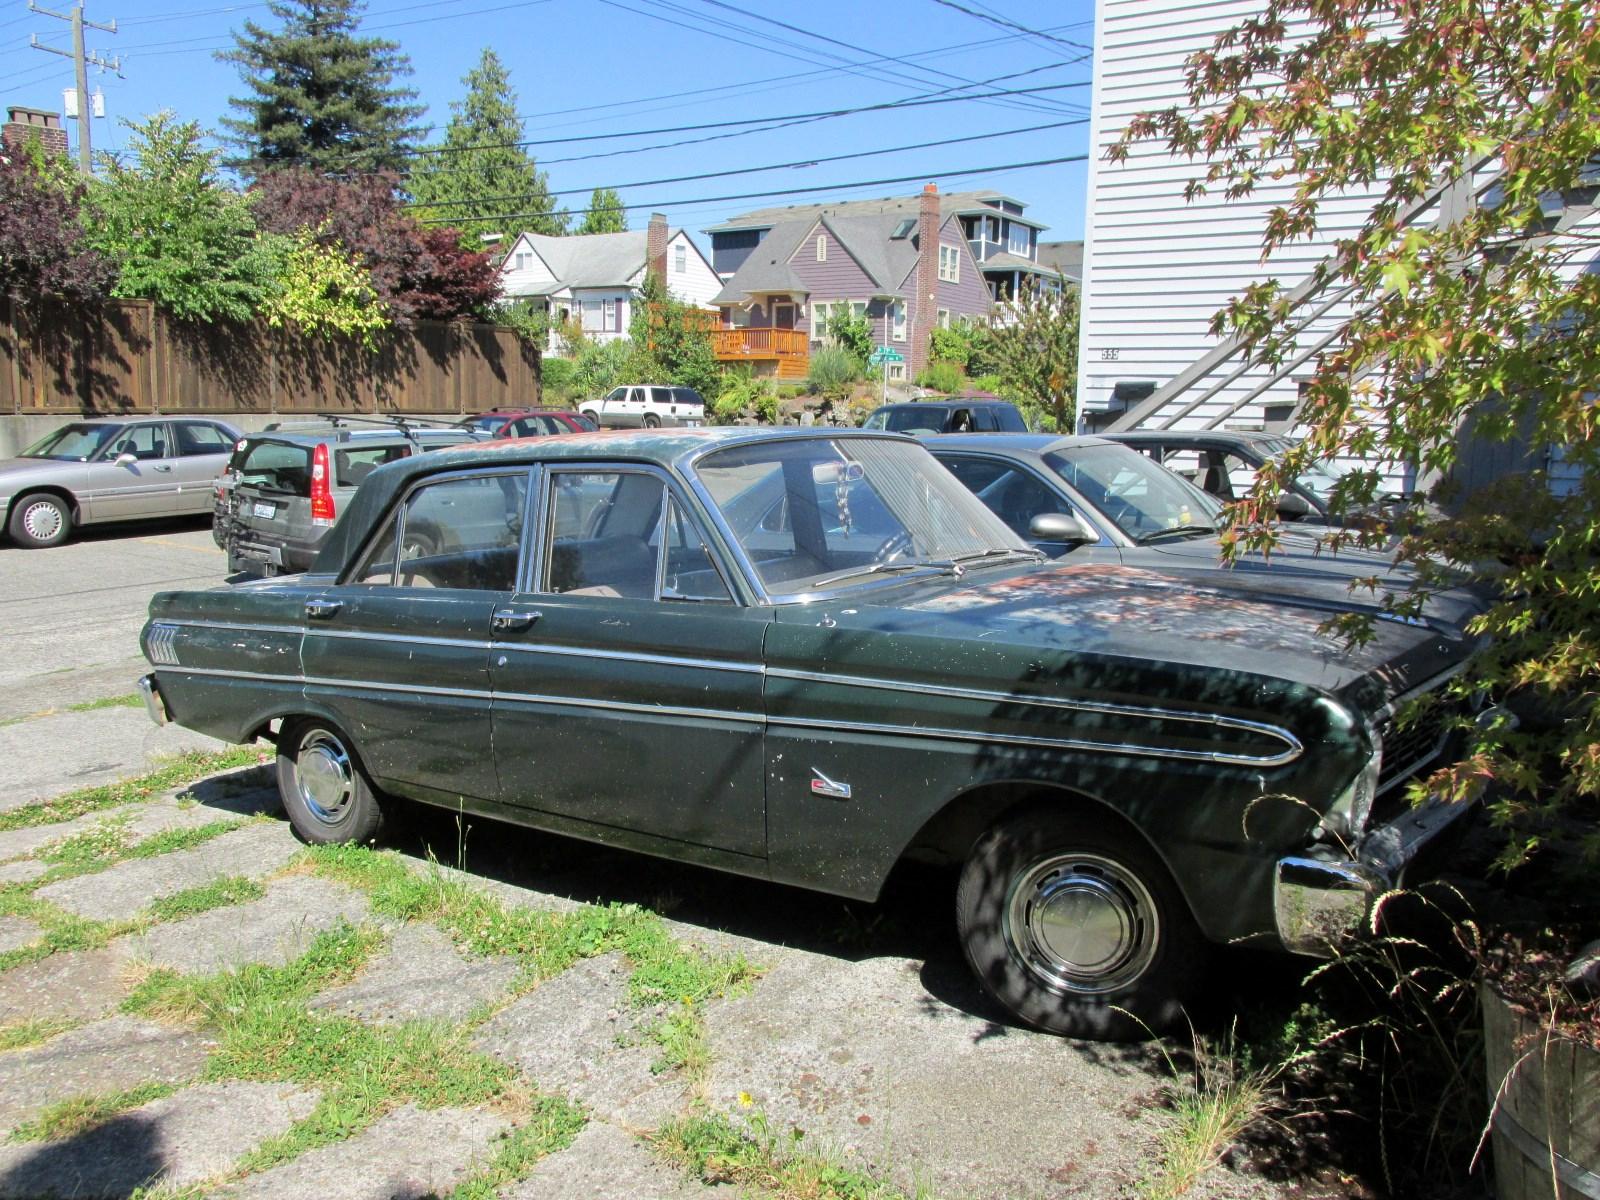 Seattle's Classics: 1964 Ford Falcon Futura Sedan